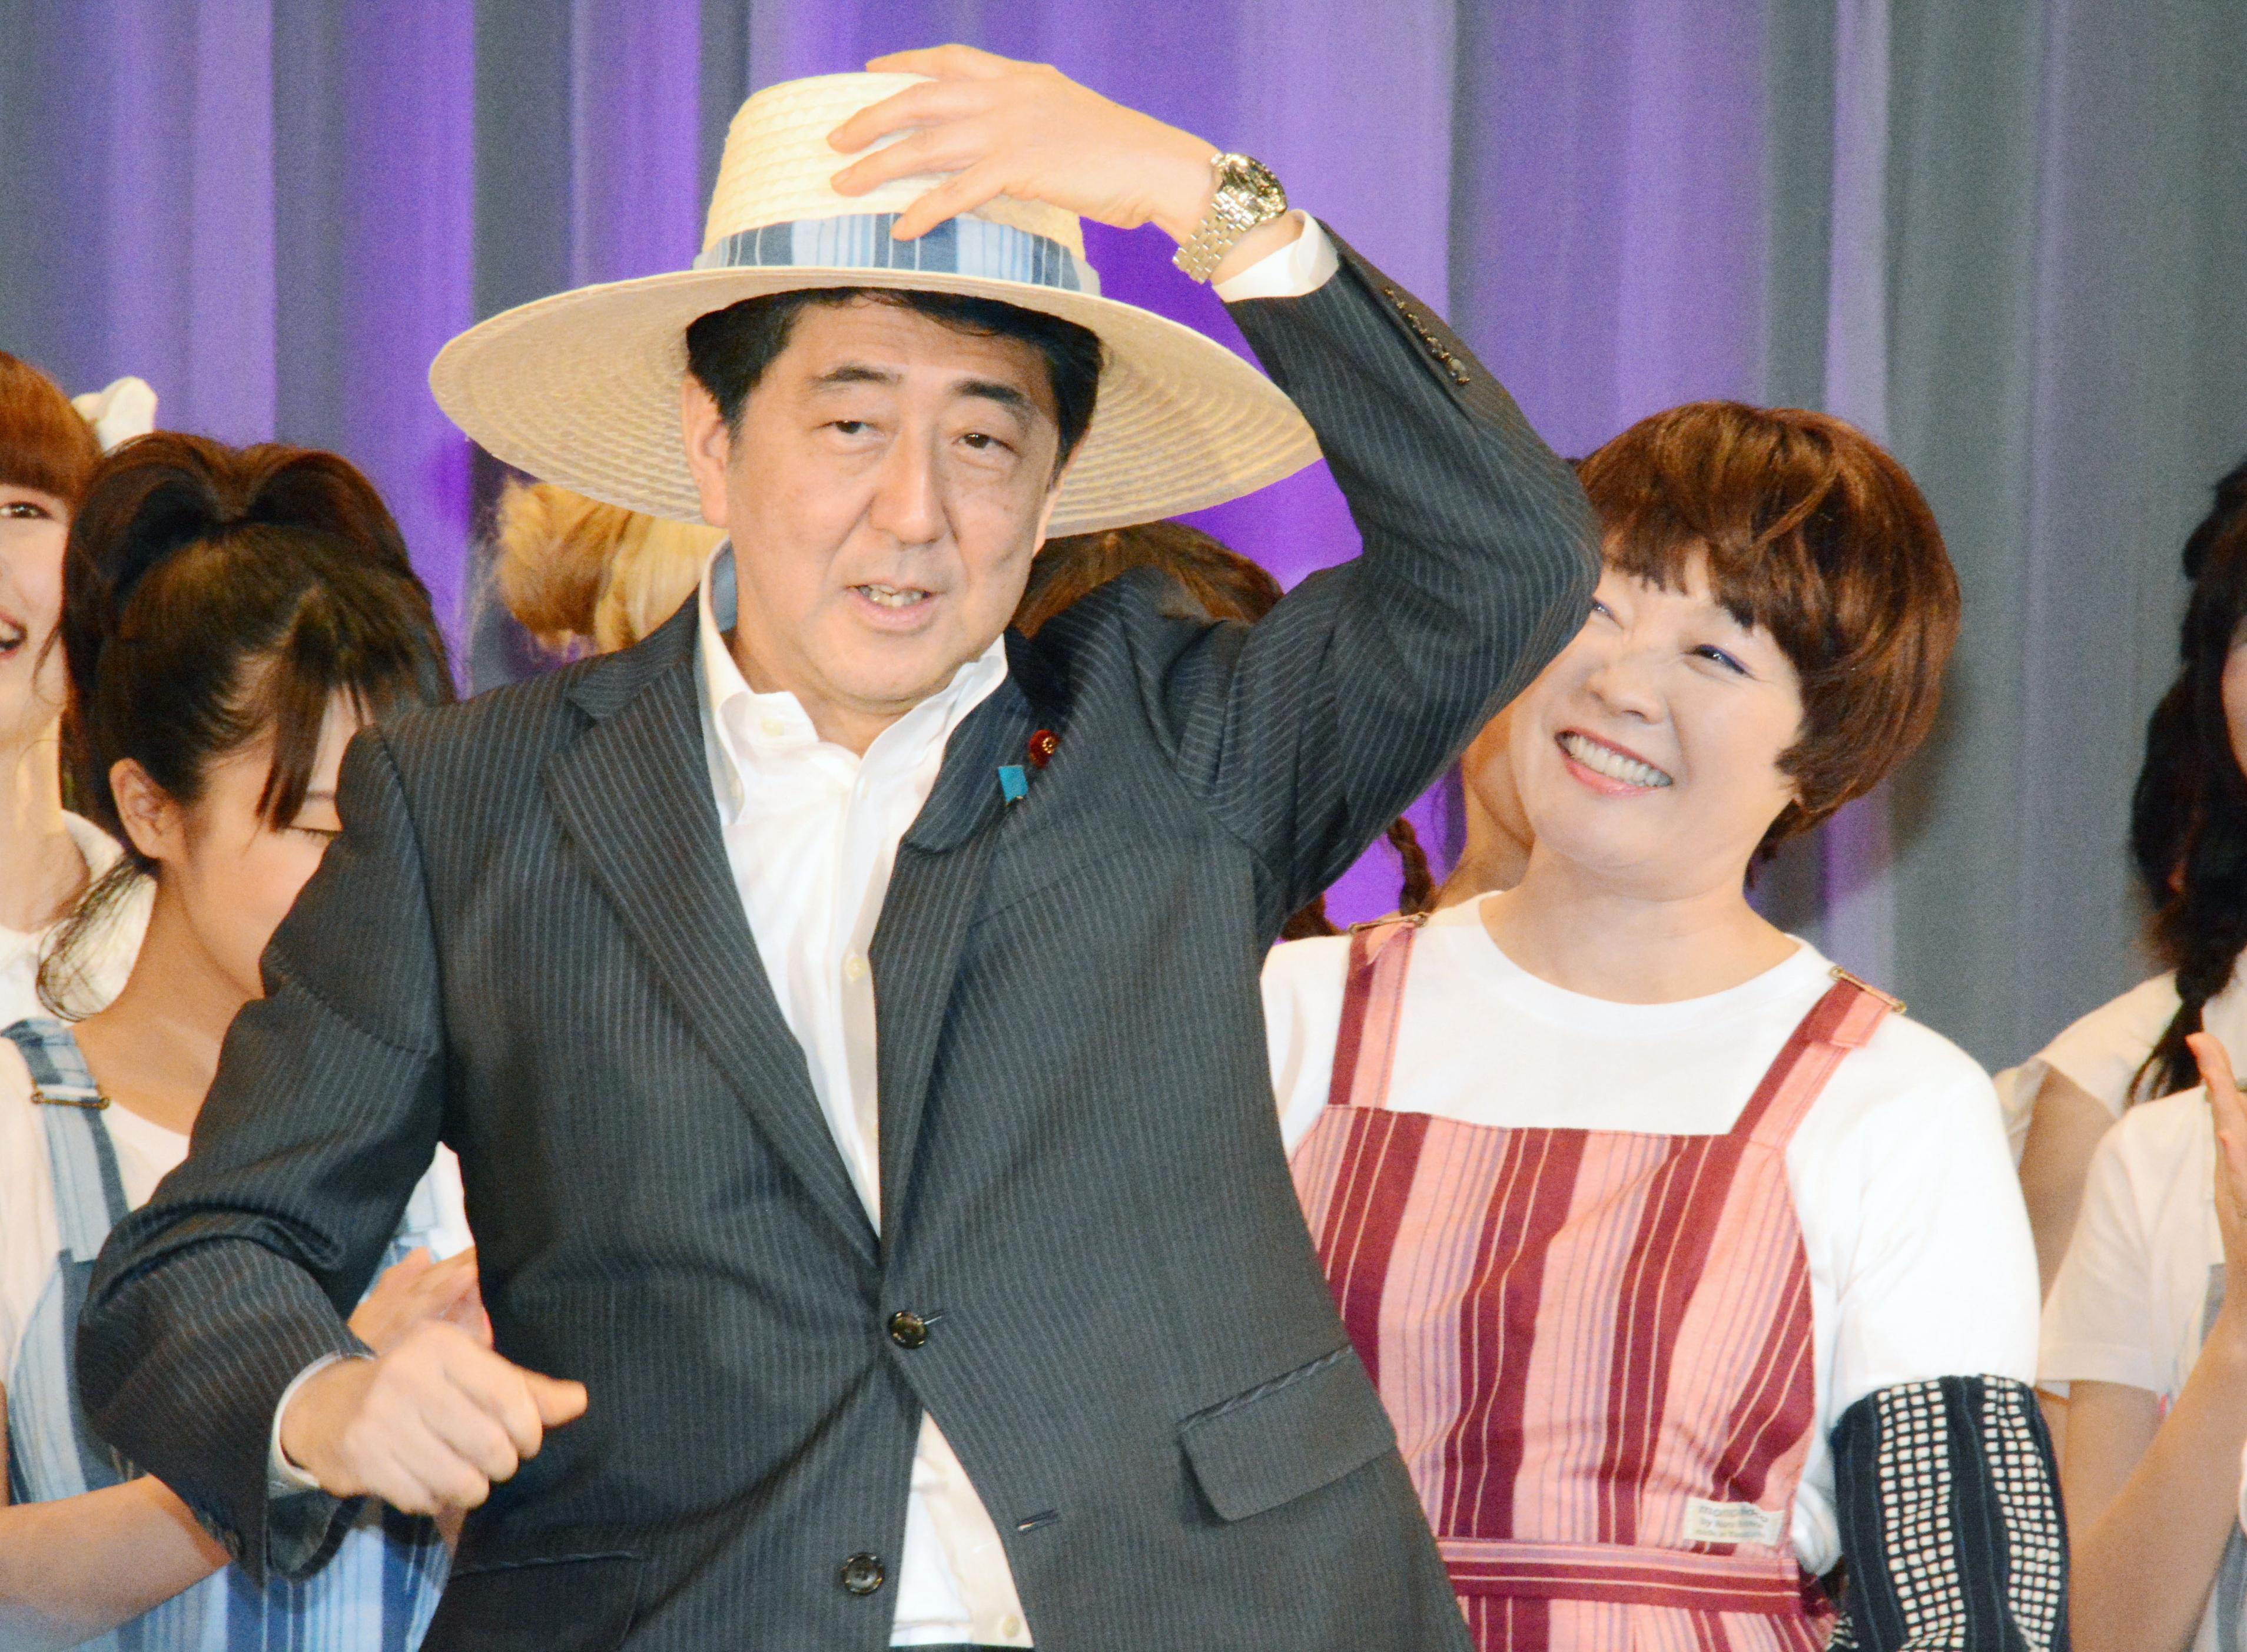 7月26日,日本山口县长门市,日本首相安倍晋三与夫人昭惠(右)一同参加